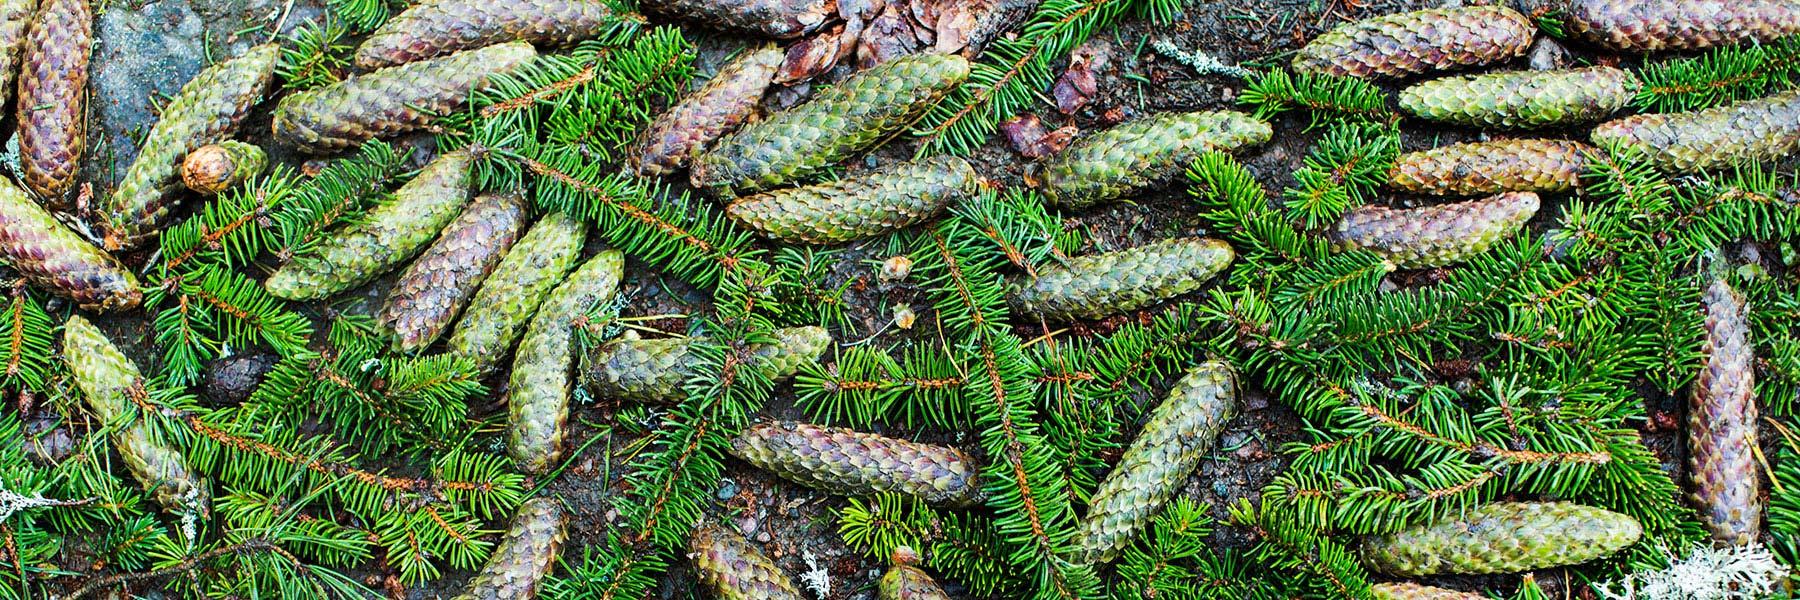 Grön skogsbruksplan